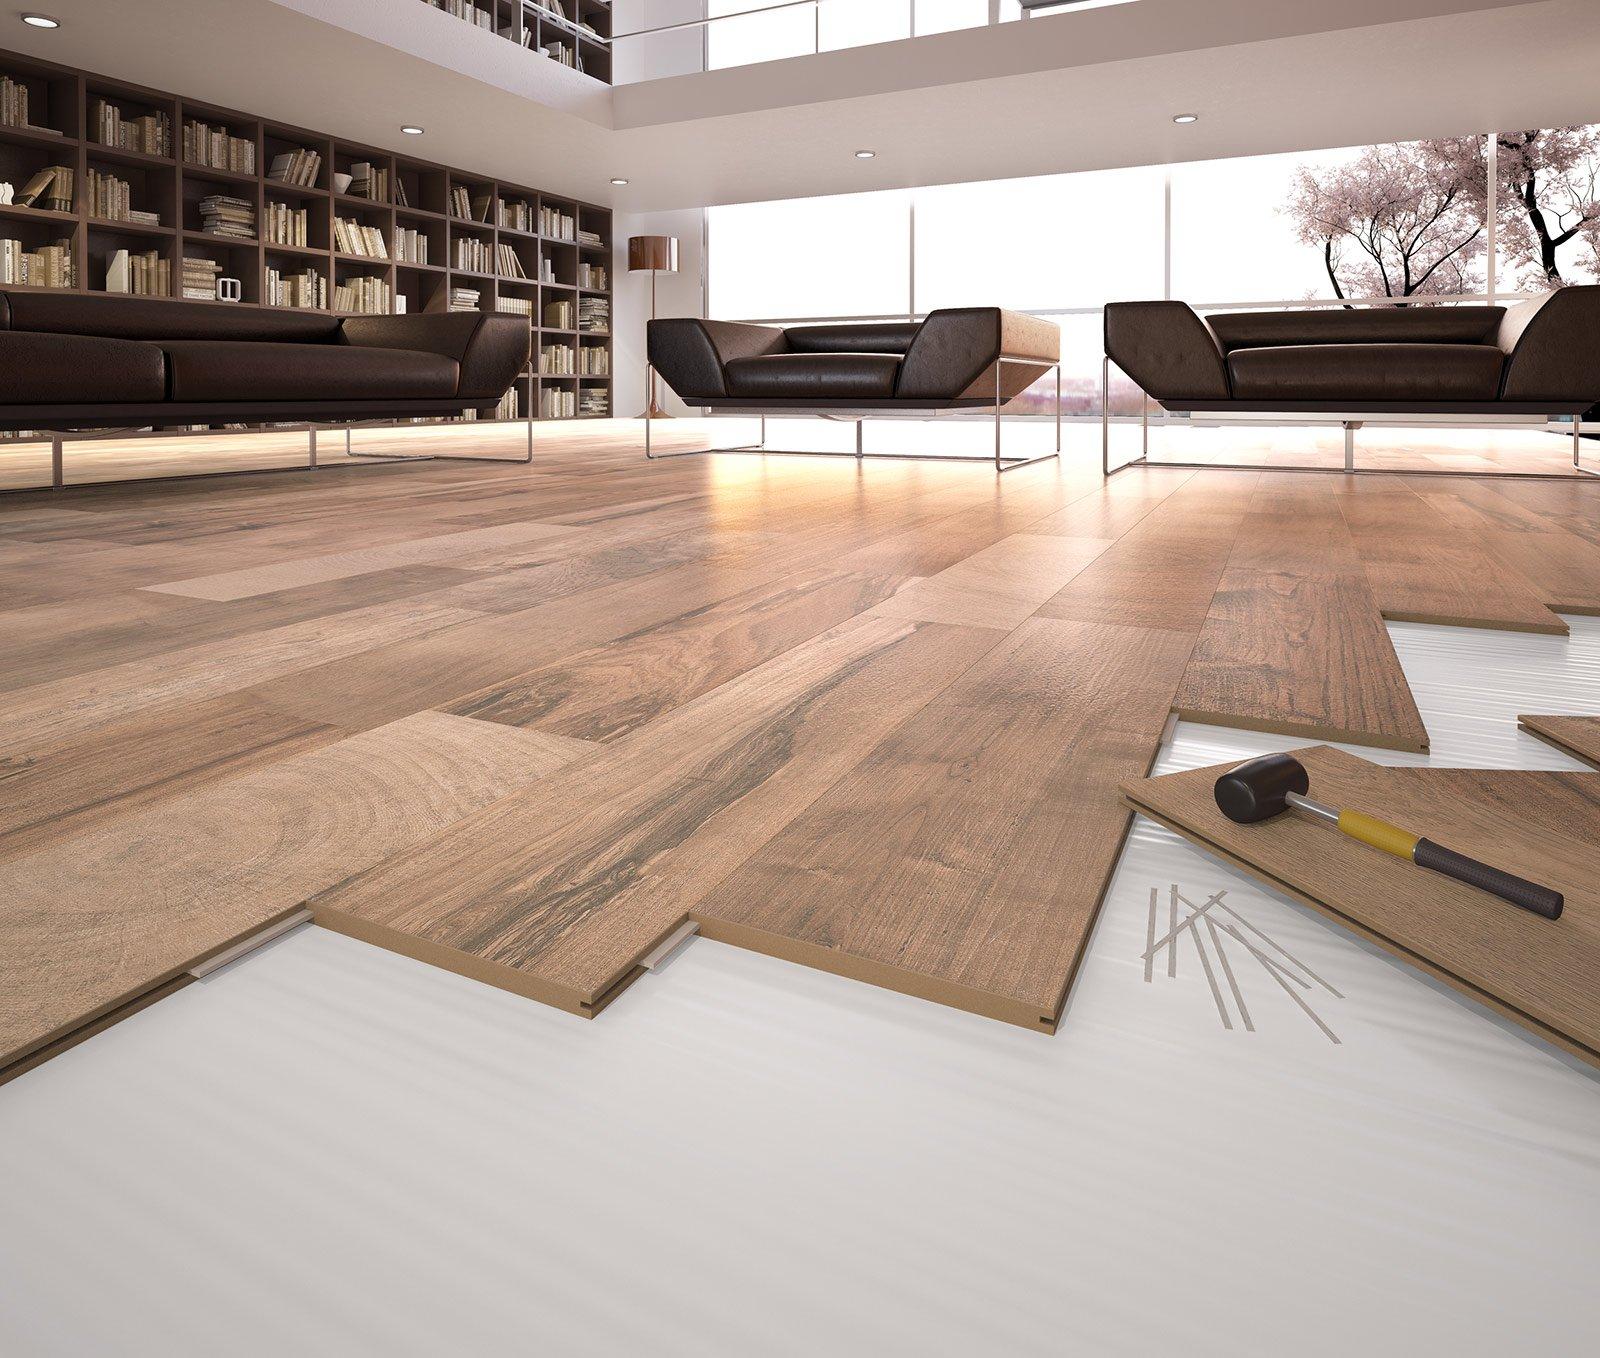 Piastrelle novit presentate al cersaie cose di casa - Posa piastrelle su pavimento radiante ...